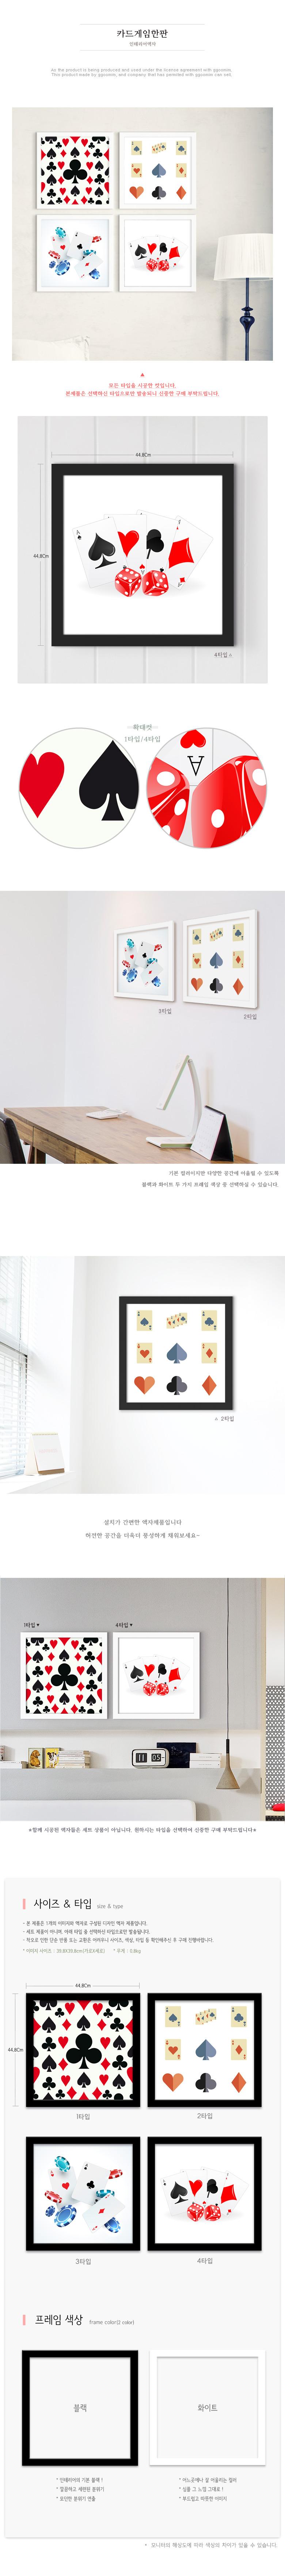 카드게임한판_인테리어액자 - 꾸밈, 19,200원, 홈갤러리, 사진아트